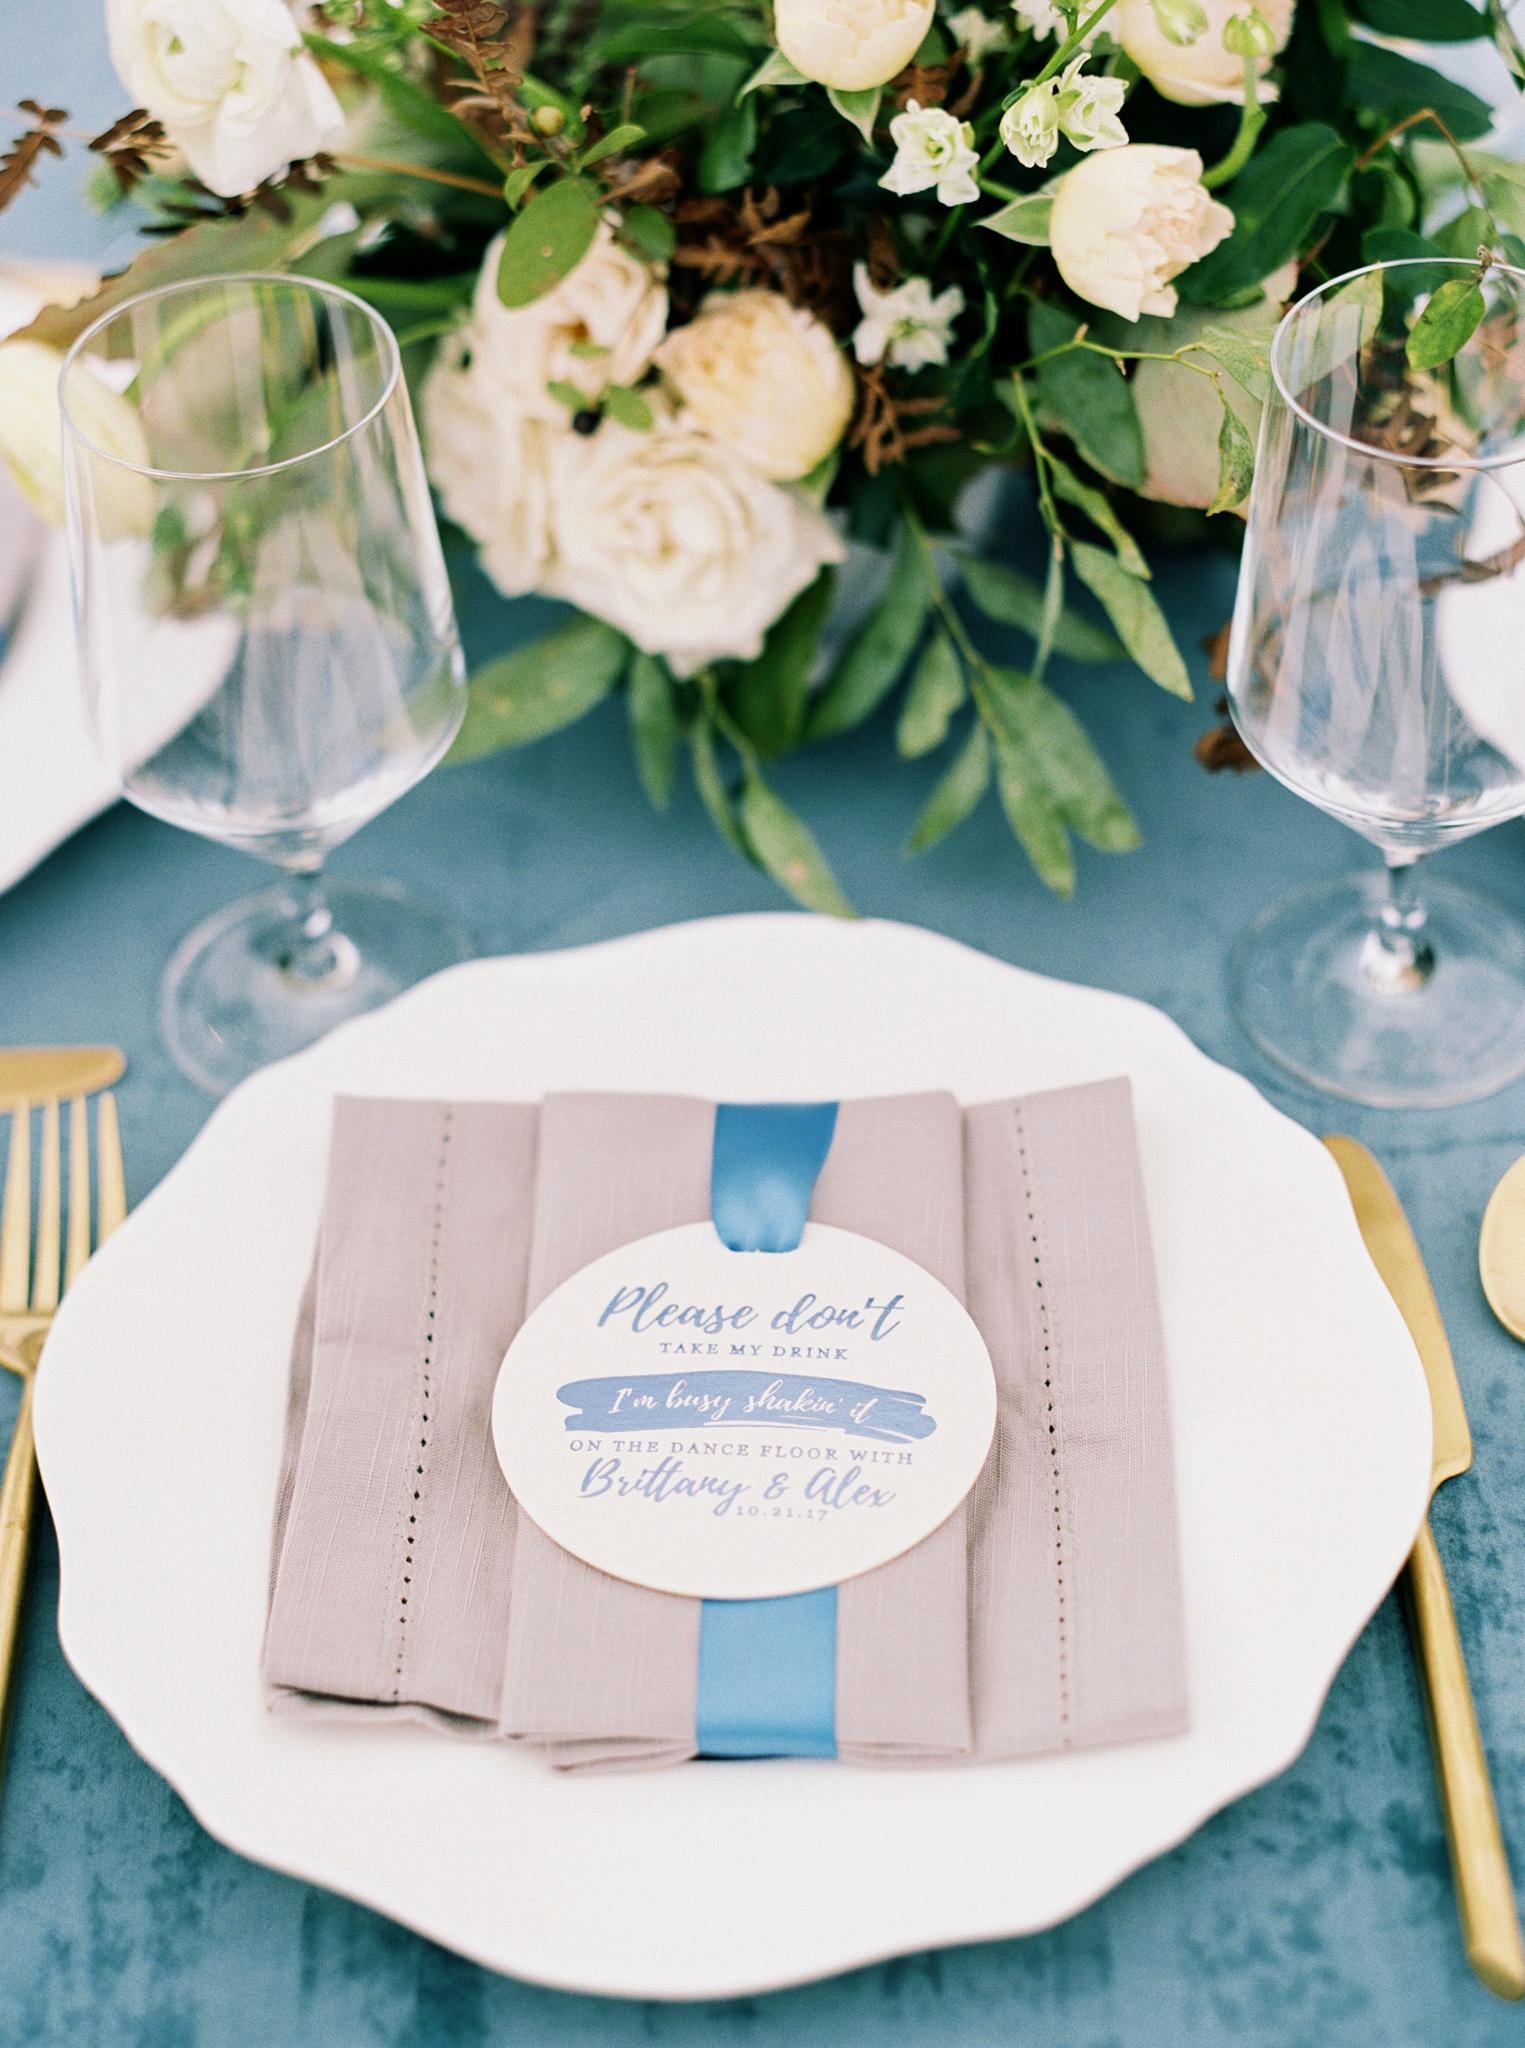 brittany alex wedding place setting